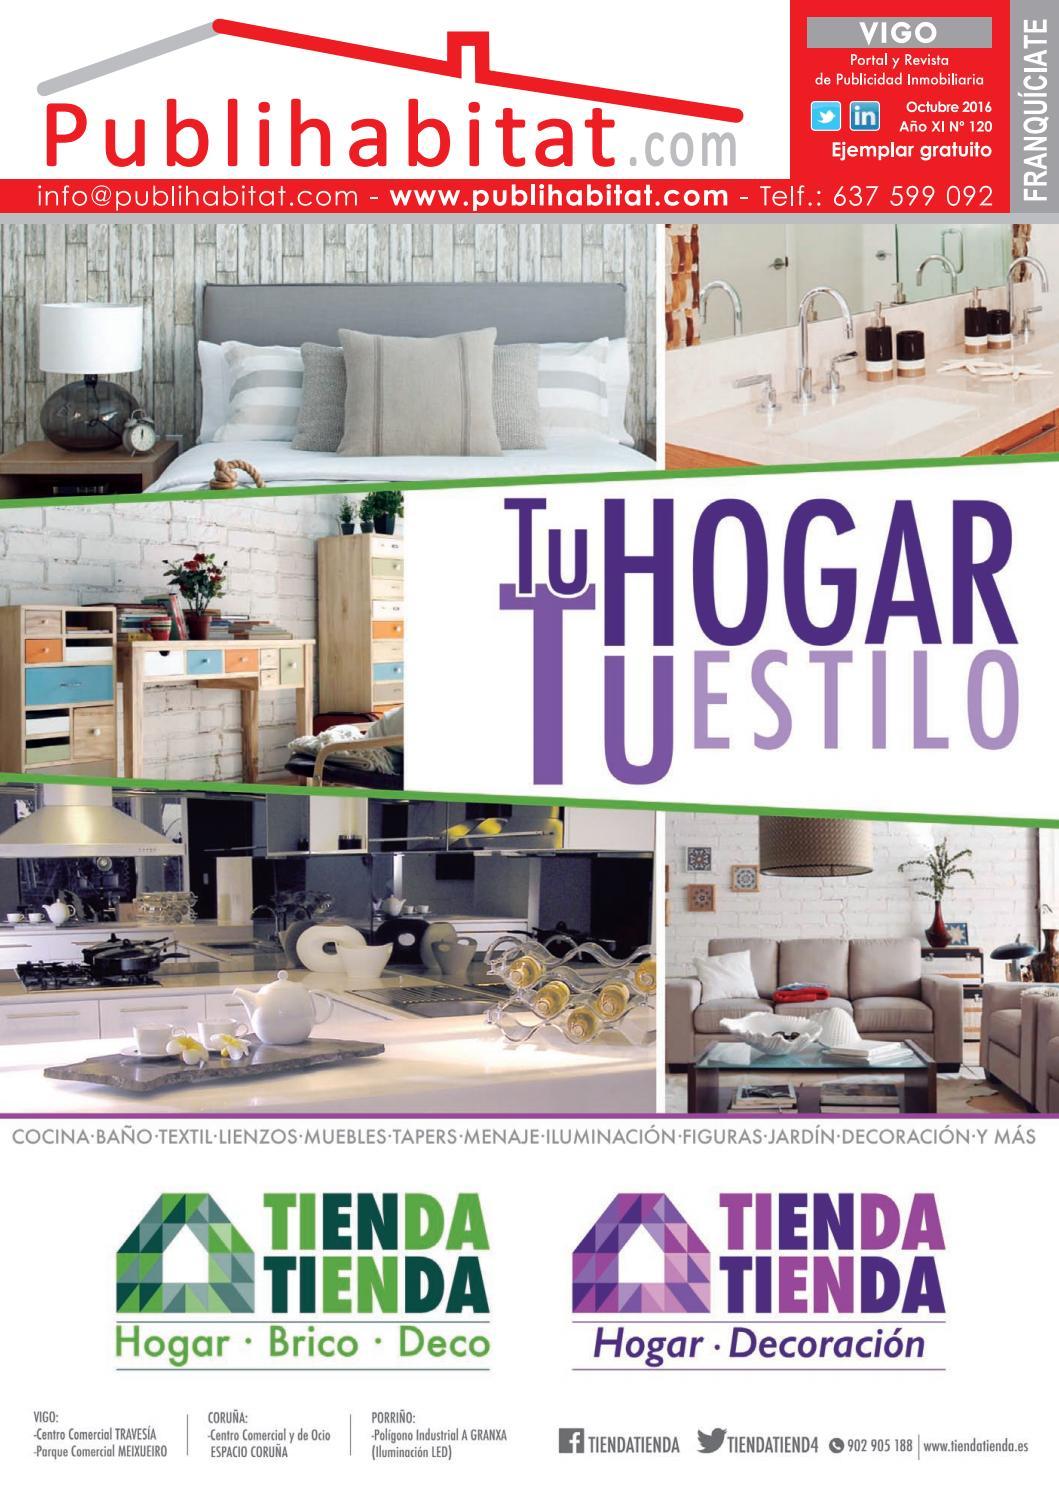 Tiendas De Decoracion En Vigo Decoracin De Interiores En Vigo  # Muebles Cil Vigo